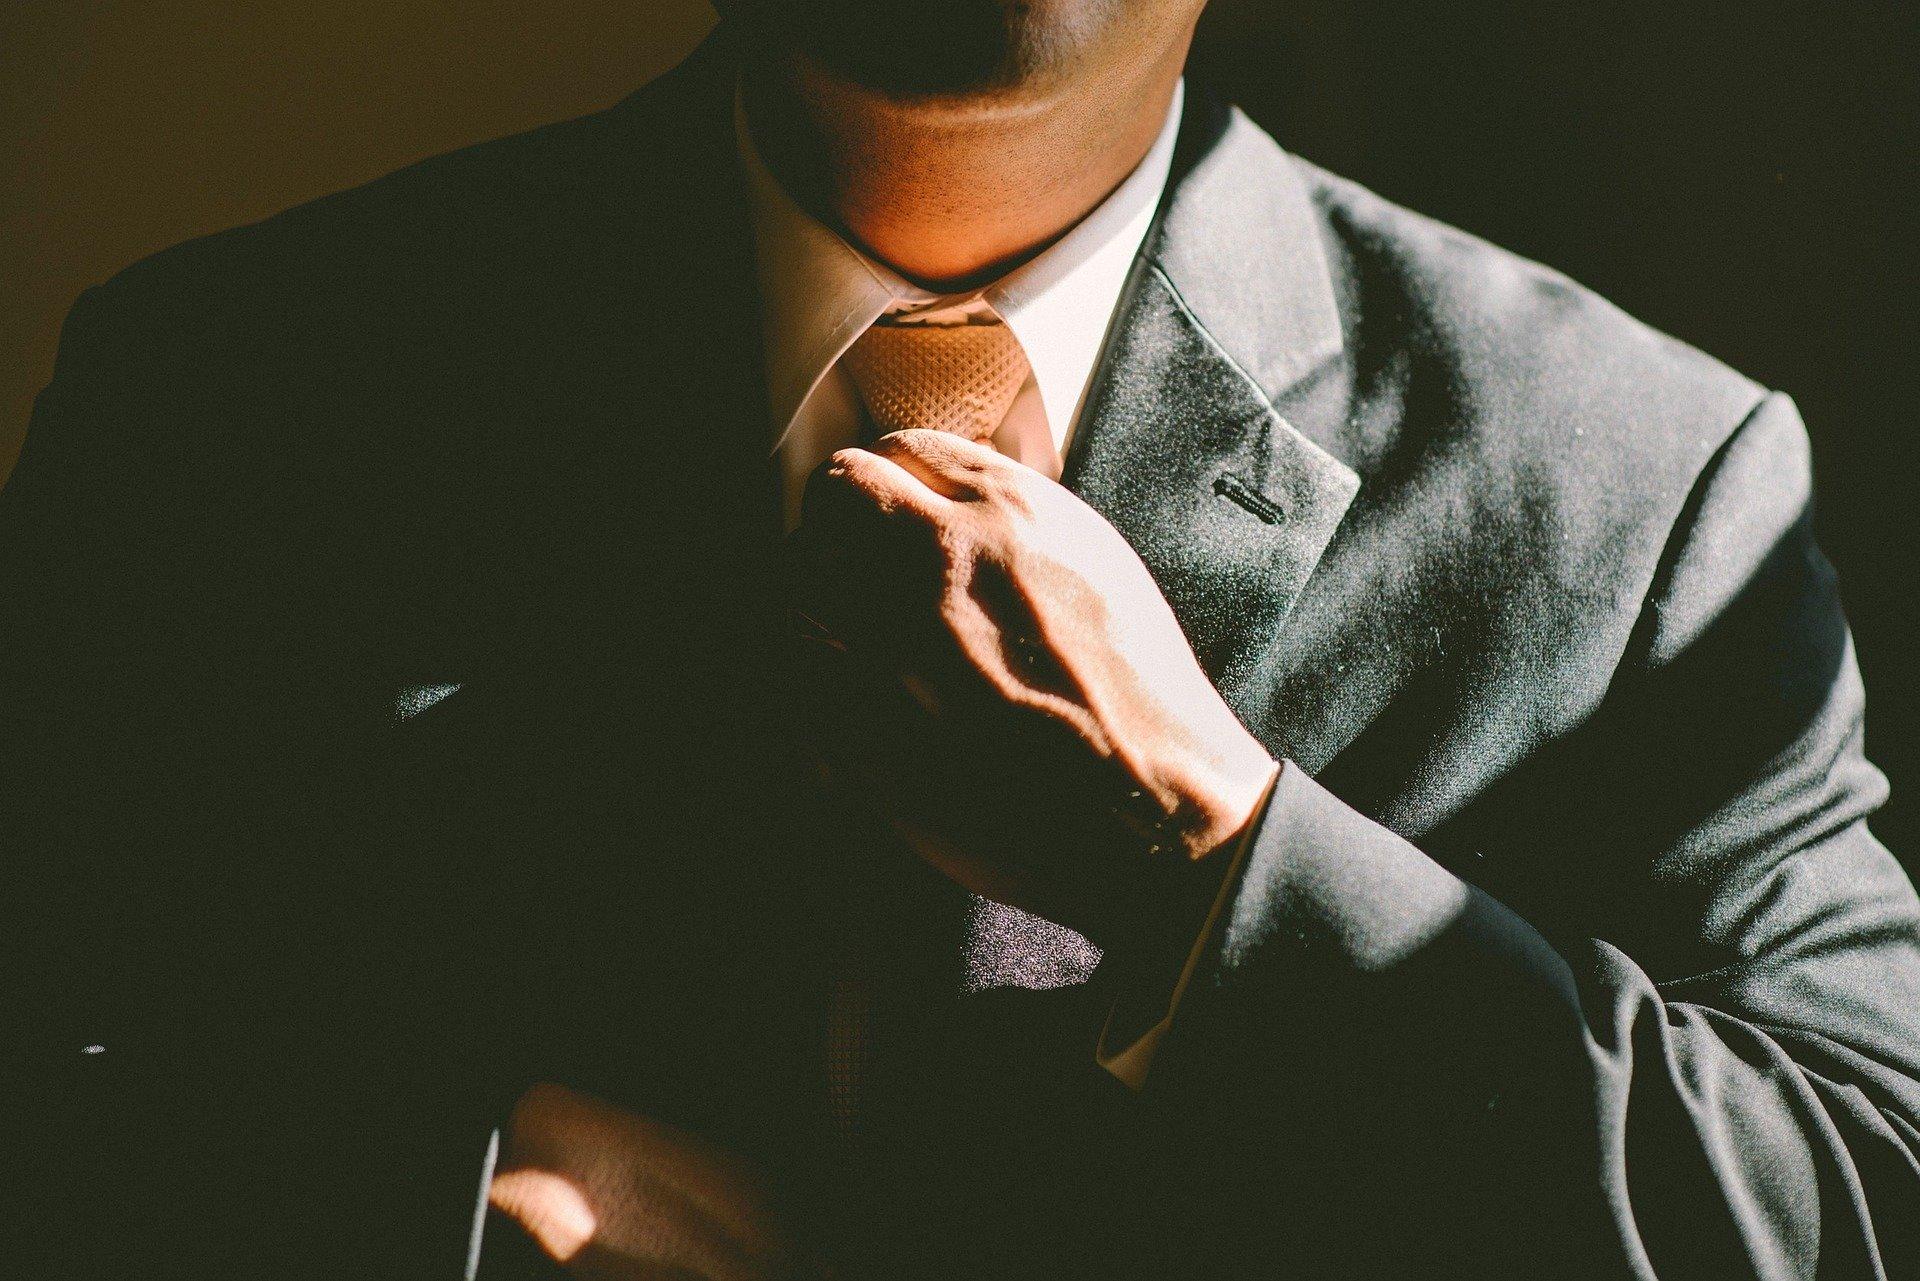 Усе, що потрібно знати про уповноважену особу, або Організація закупівельної діяльності за новим Законом